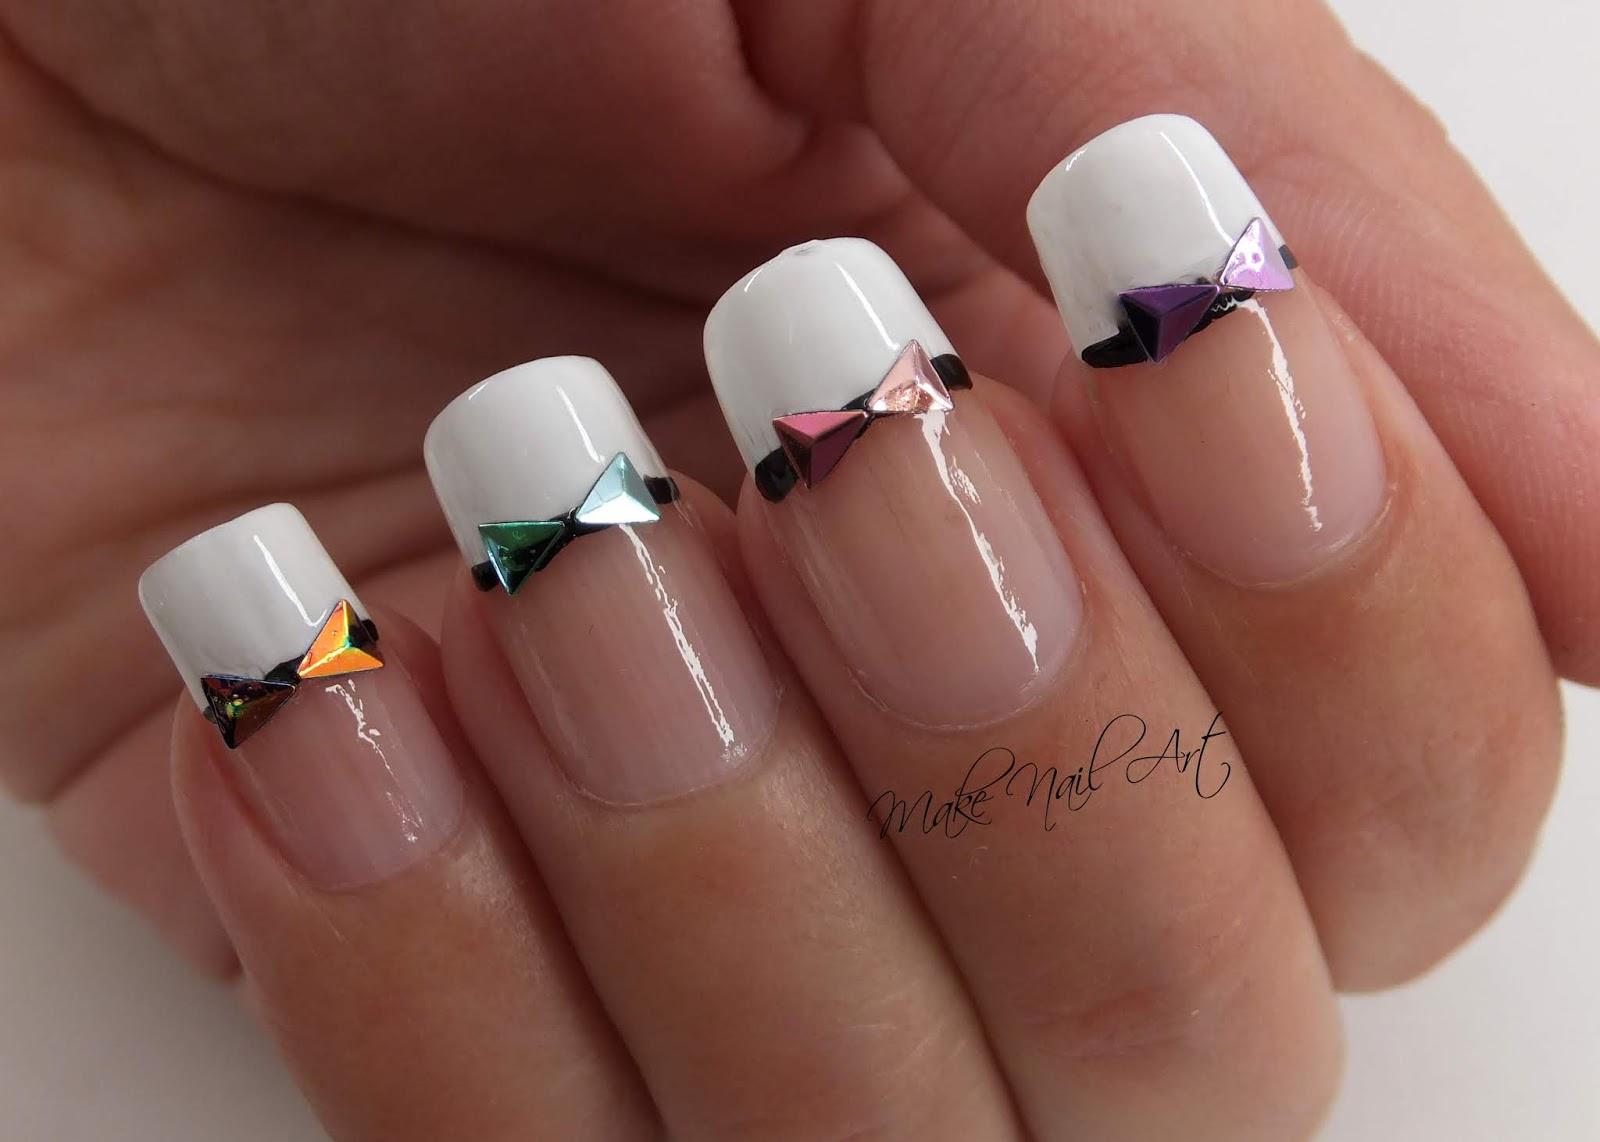 Make Nail Art